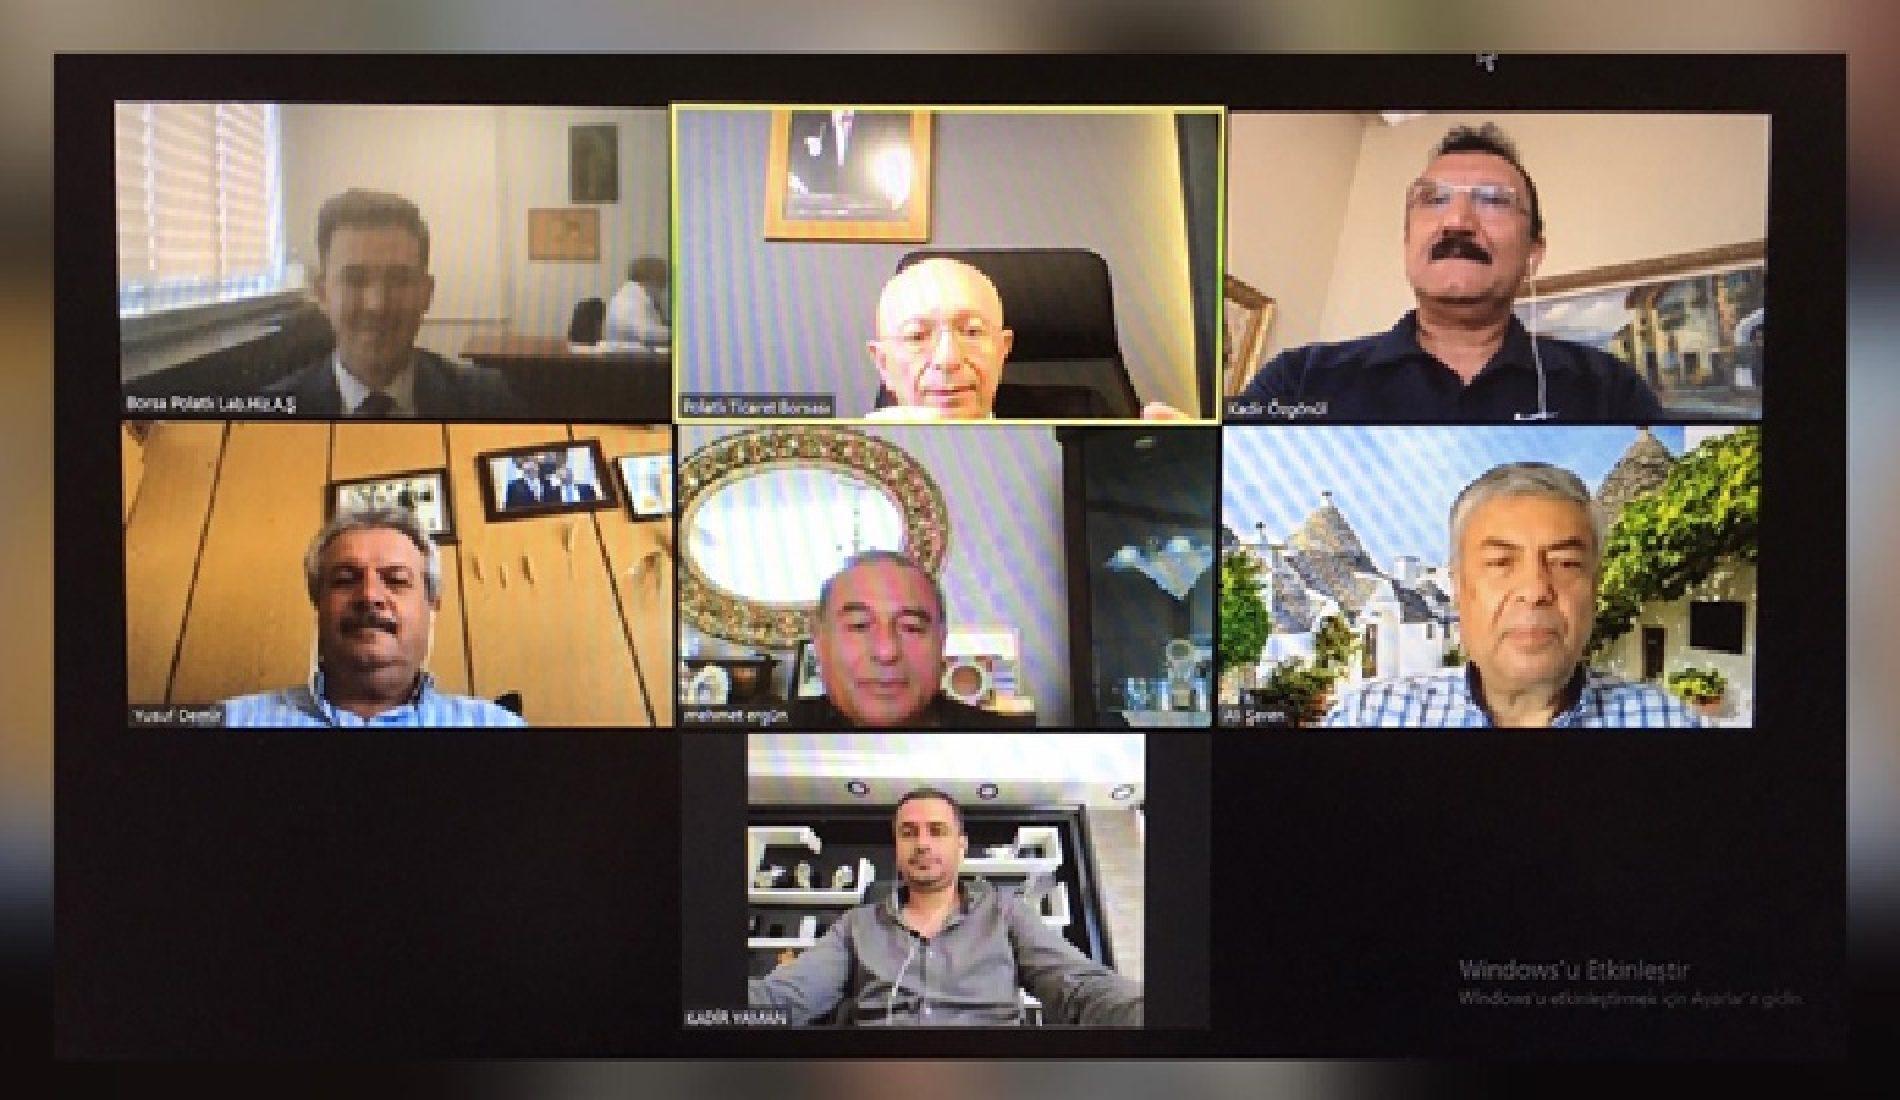 """Borsa Polatlı Laboratuvar Hizmetleri A.Ş. Yönetim Kurulu Toplantısı """"Video Konferans Yöntemi"""" ile Gerçekleştirildi…"""